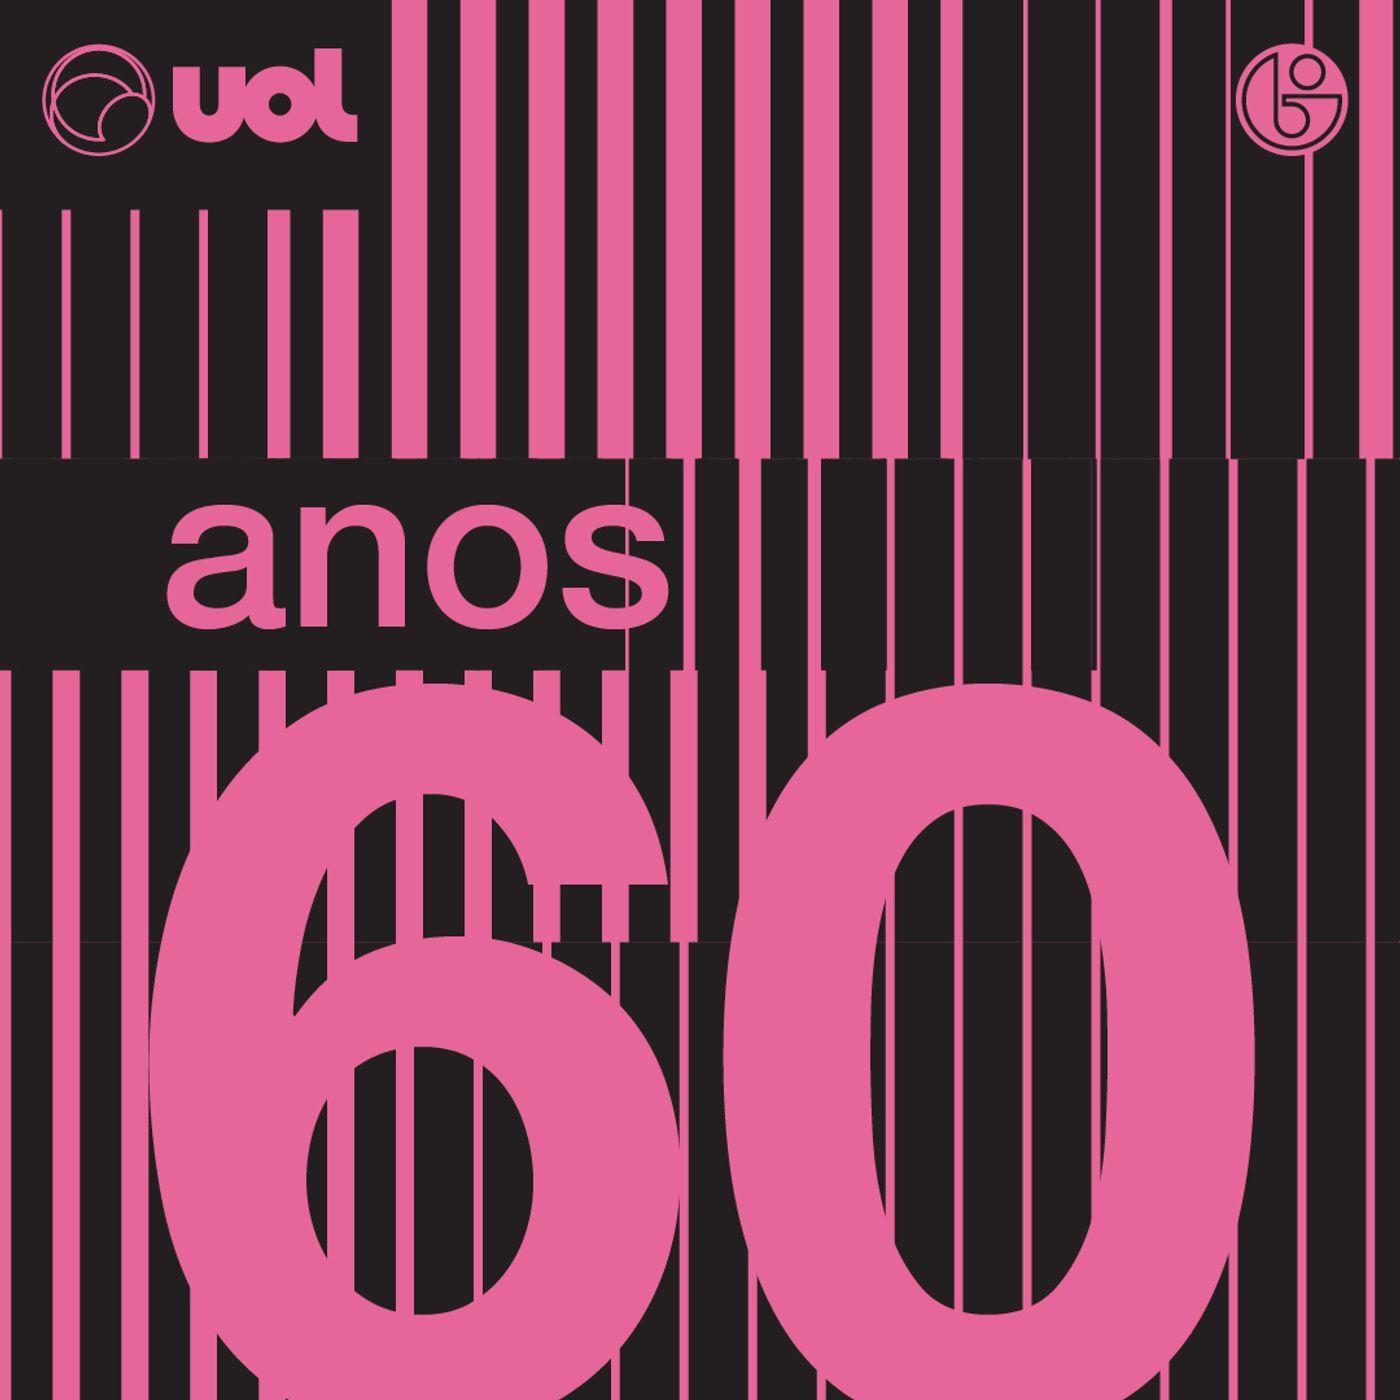 Anos 60: boicote e arte pop